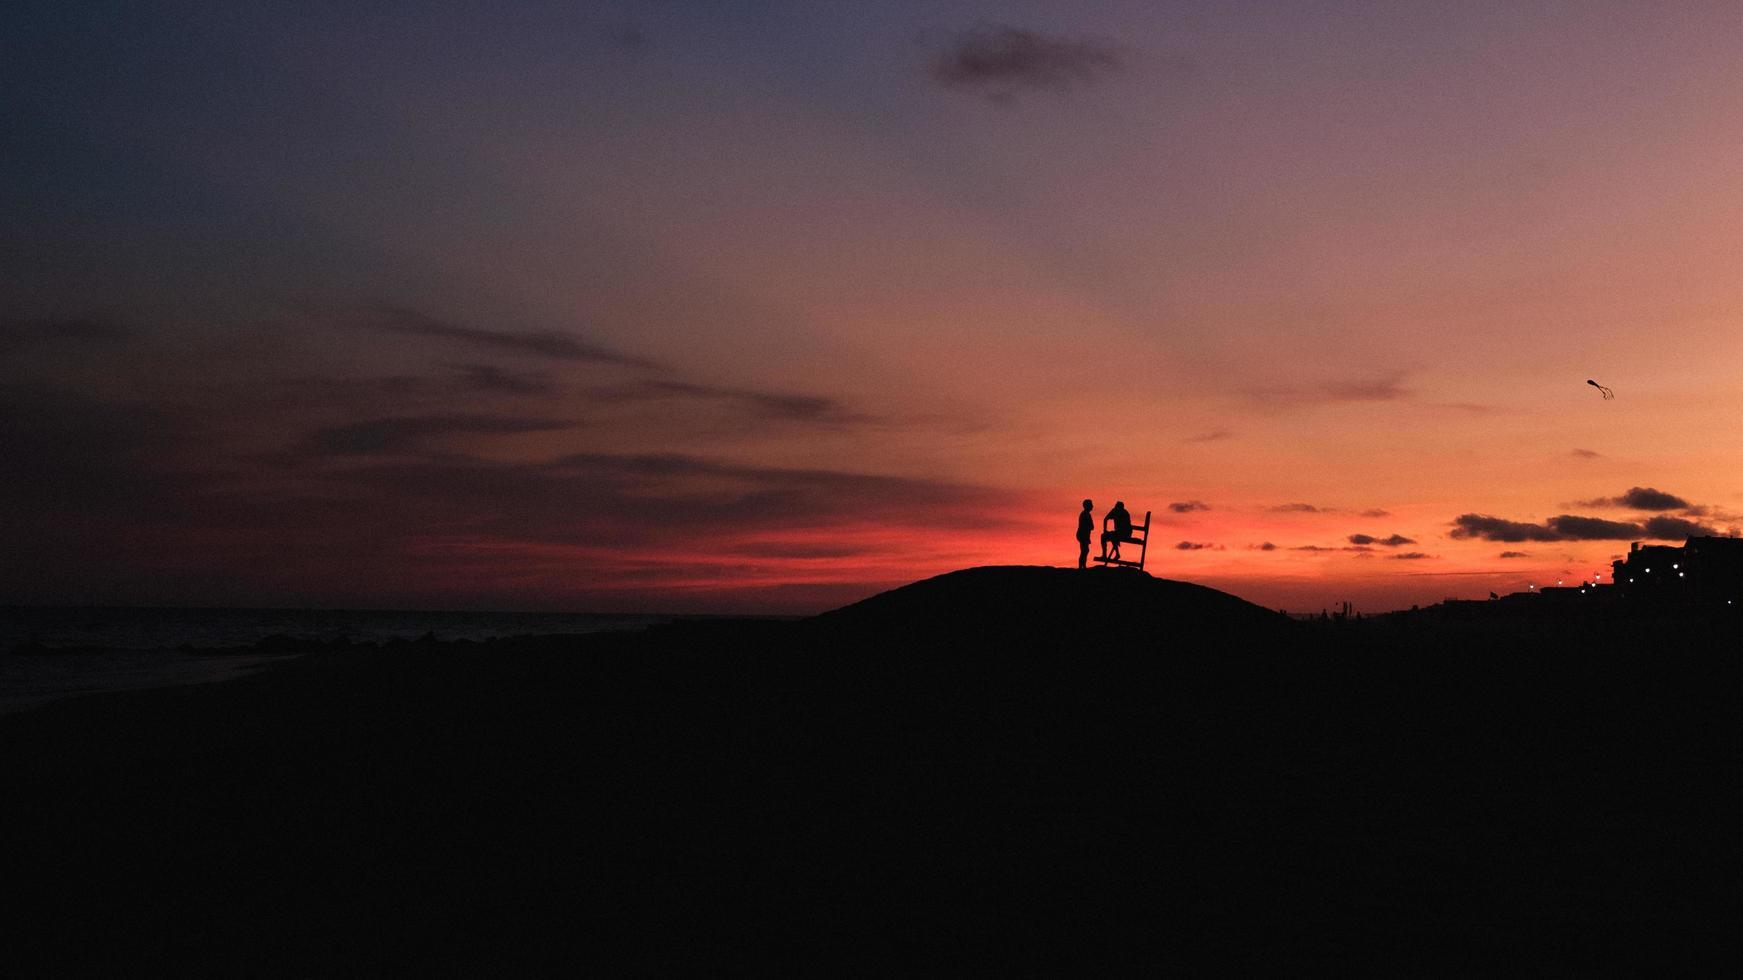 Schattenbild von 2 Personen, die auf Hügel während Sonnenuntergang stehen foto